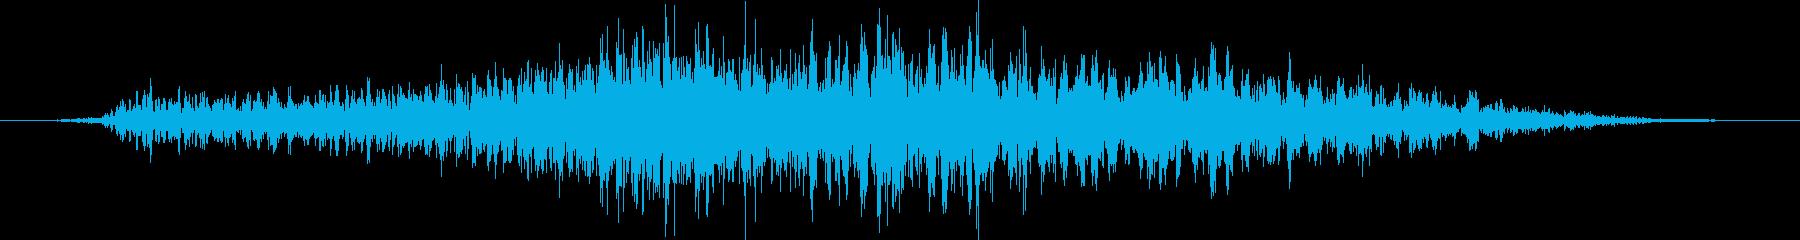 人間の怪物:遅い低うなり声の再生済みの波形